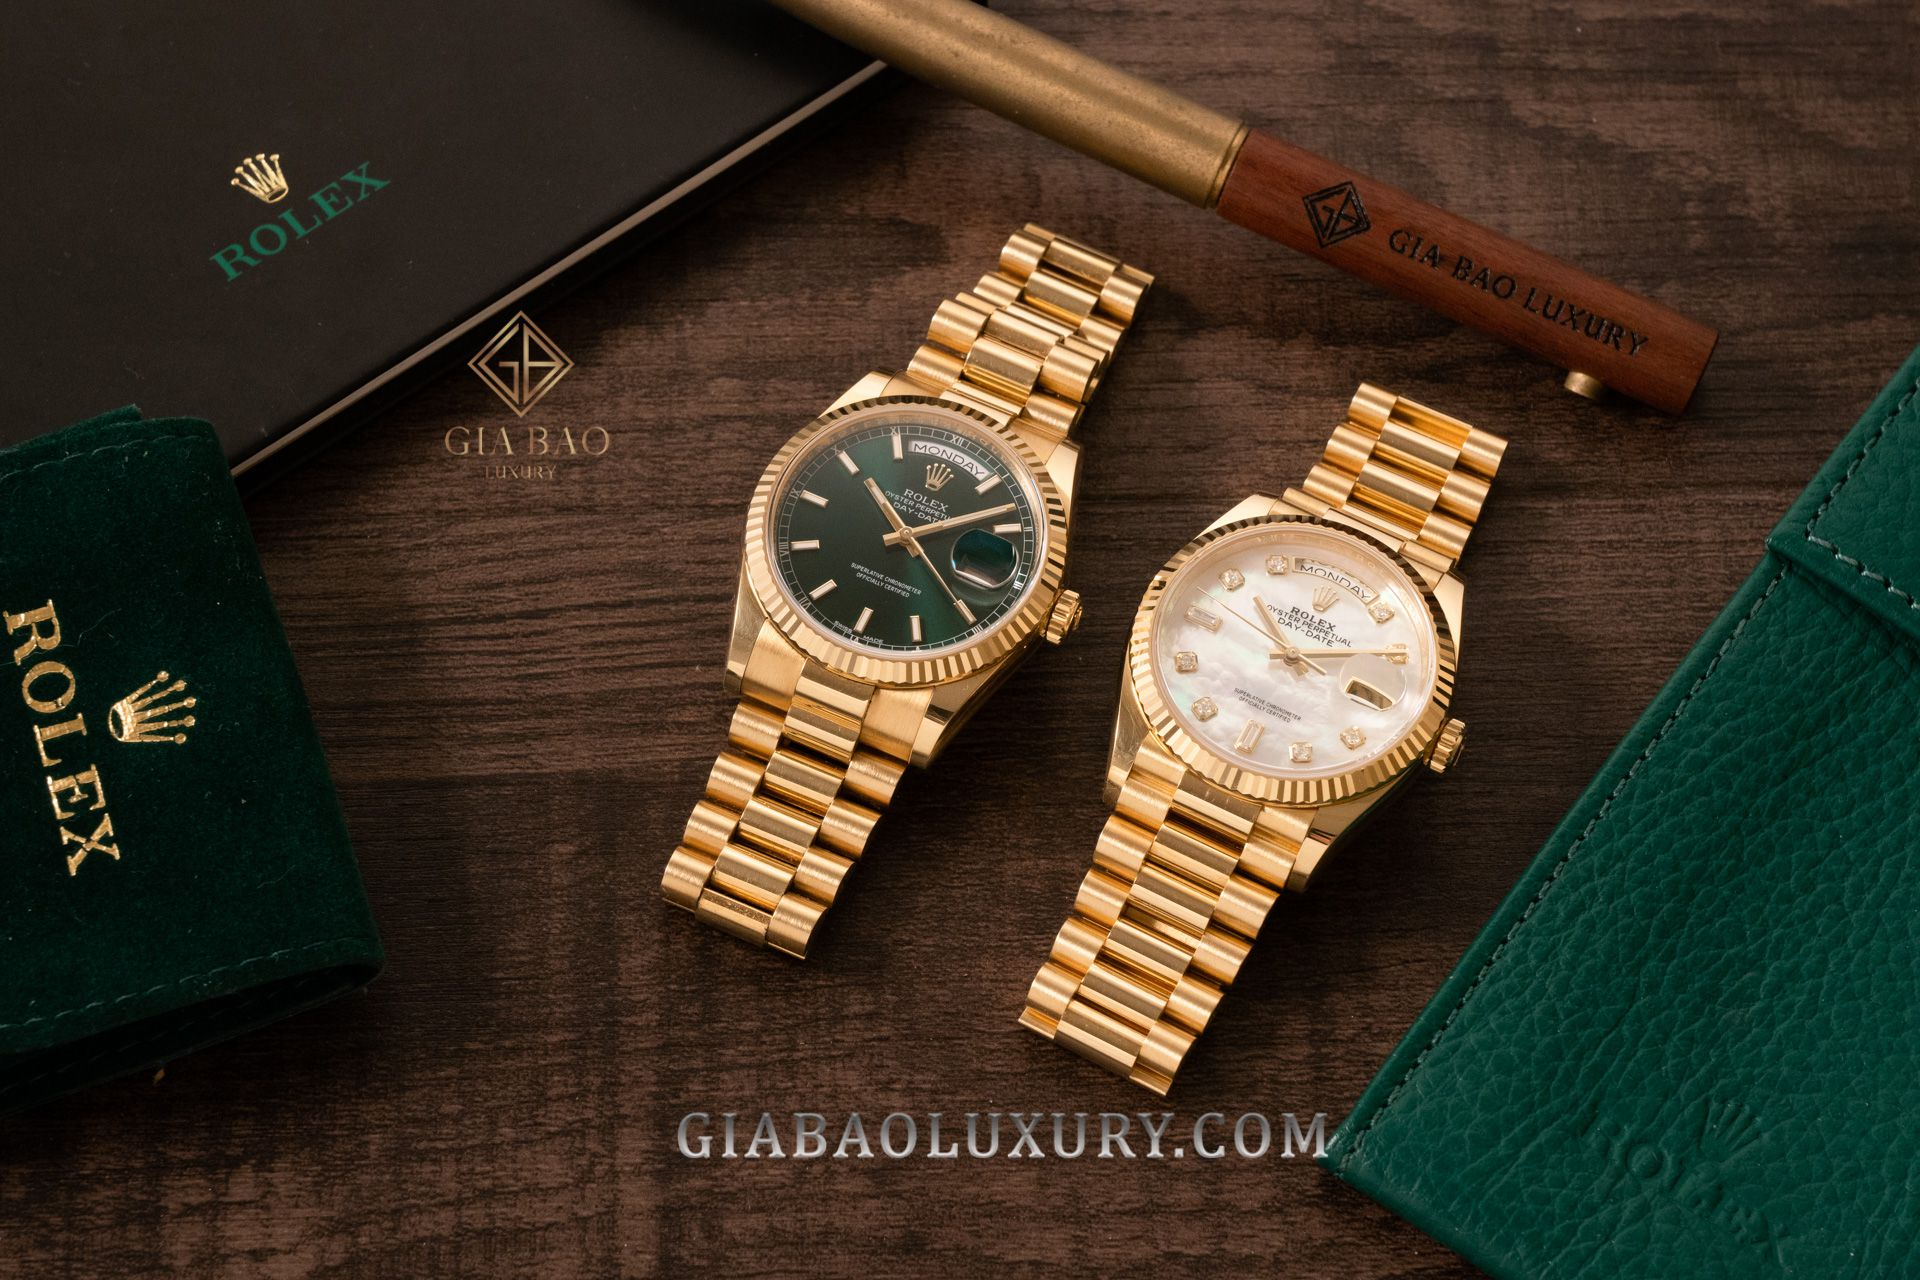 Đồng Hồ Rolex Day-Date 36 118238 Mặt Số Xanh Lá